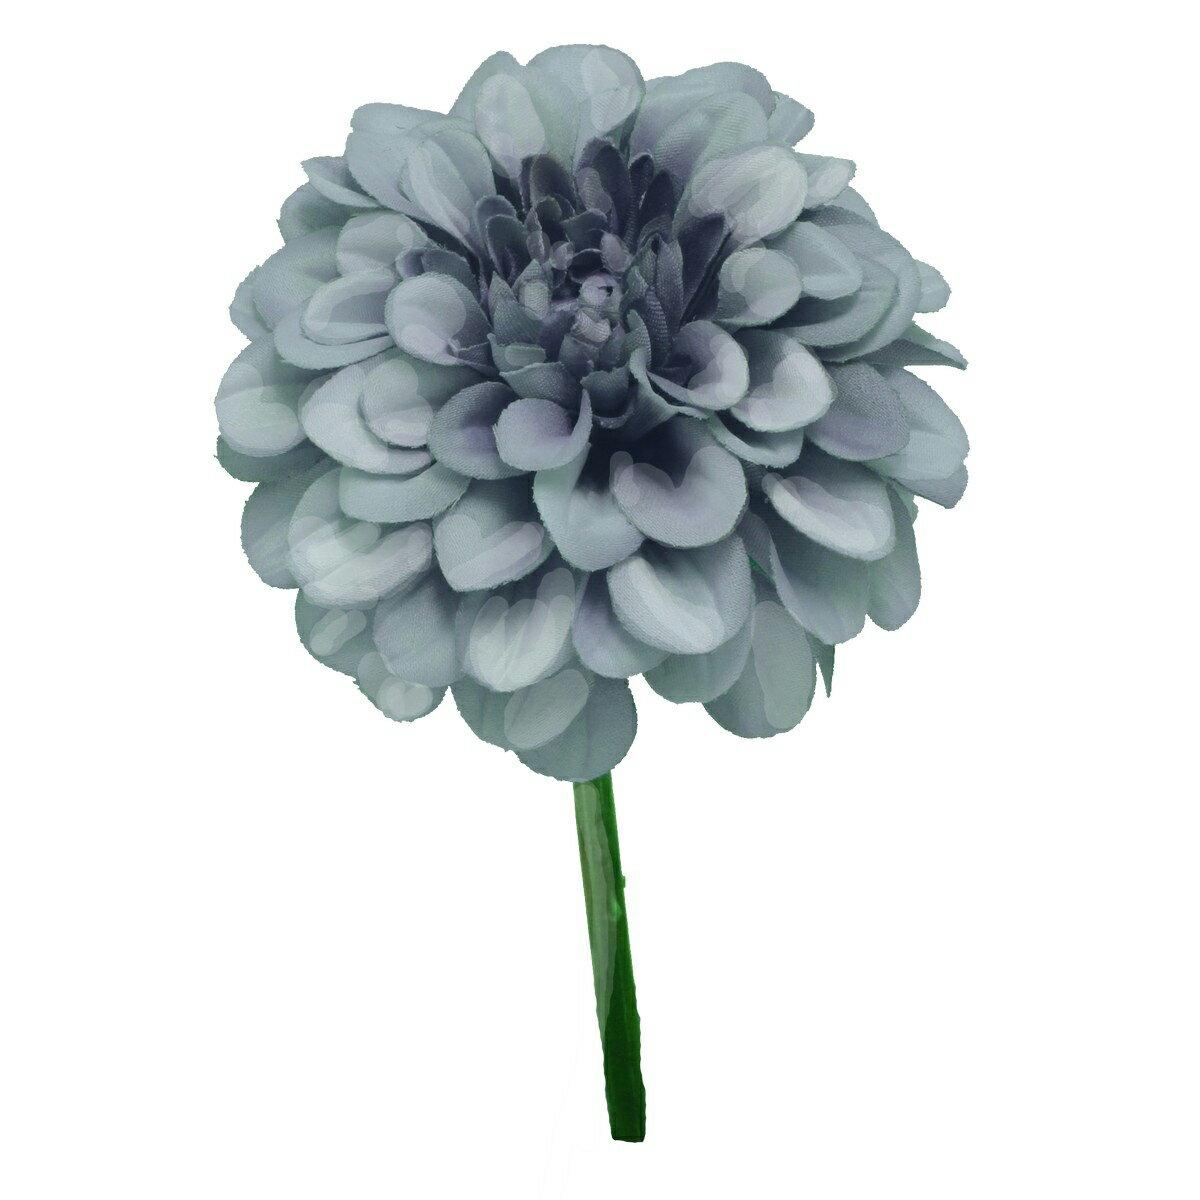 即日 【造花】パレ/ジニアピック ブルー/P-8161-90《 造花(アーティフィシャルフラワー) 造花 花材「さ行」 ジニア 》